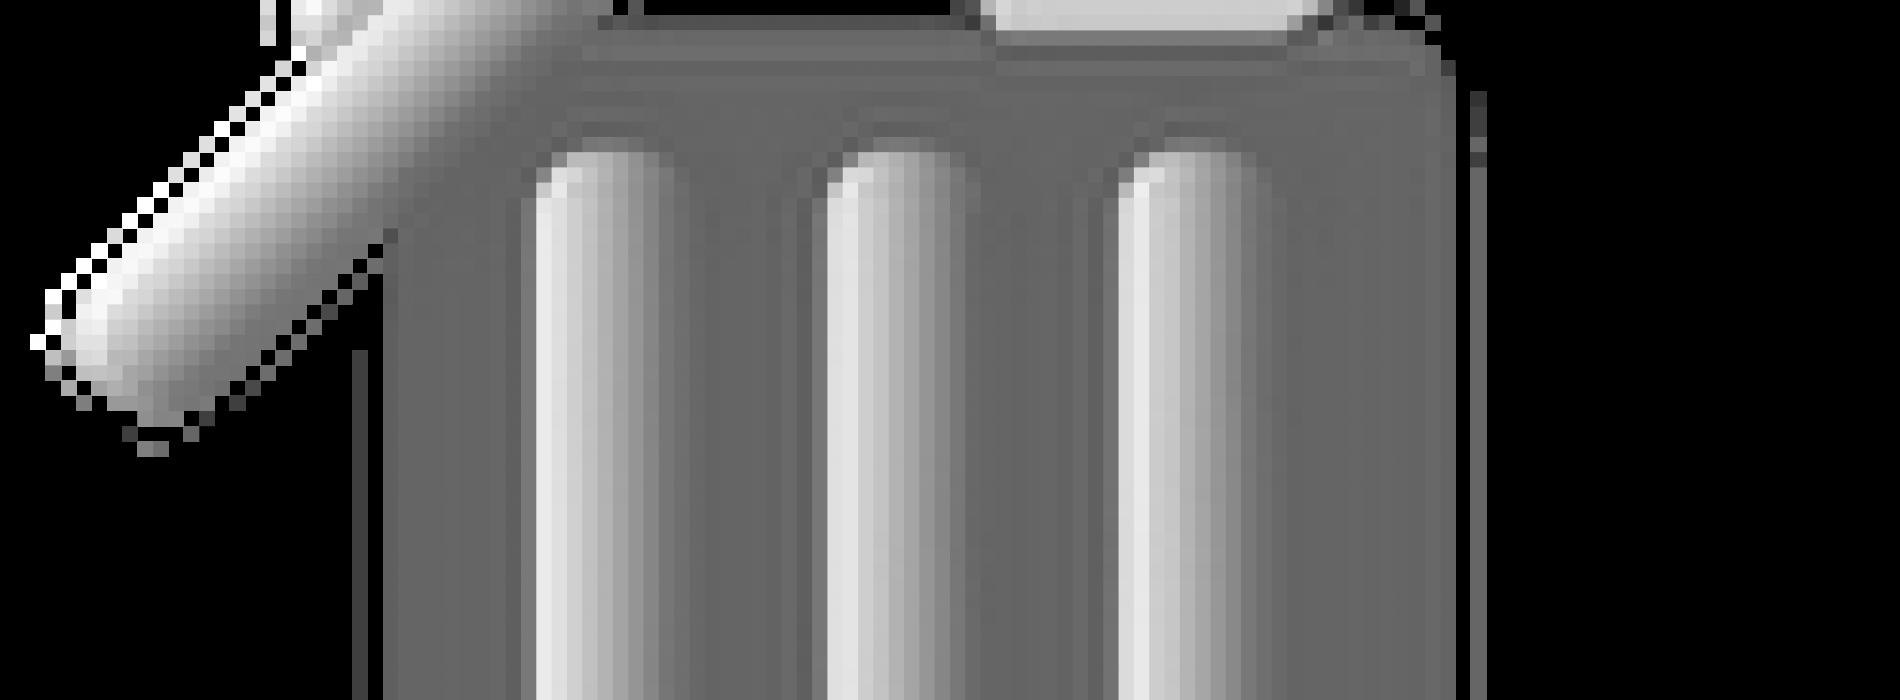 [ اندرويد ] برنامج لحذف مجموعة من الاسماء دفعه واحده بالصور